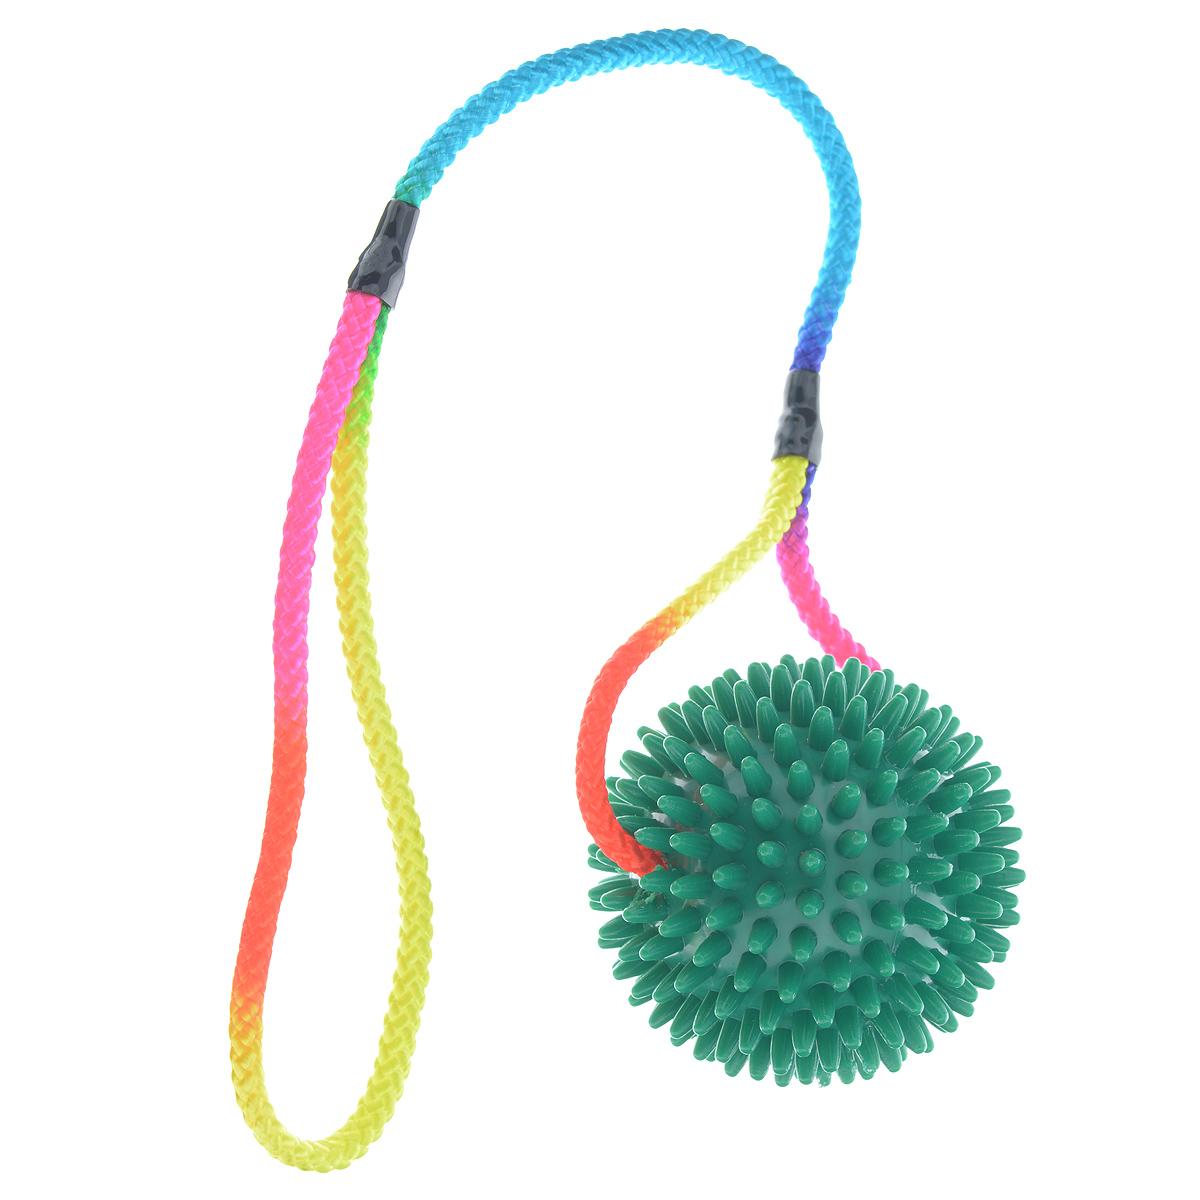 Игрушка для собак V.I.Pet Массажный мяч, на шнуре, цвет: зеленый, диаметр 9 см770950_зеленыйИгрушка для собак V.I.Pet Массажный мяч, изготовленная из ПВХ, предназначена для массажа и самомассажа рефлексогенных зон. Она имеет мягкие закругленные массажные шипы, эффективно массирующие и не травмирующие кожу. Сквозь мяч продет шнур.Игрушка не позволит скучать вашему питомцу ни дома, ни на улице.Диаметр: 9 см.Длина шнура: 50 см.